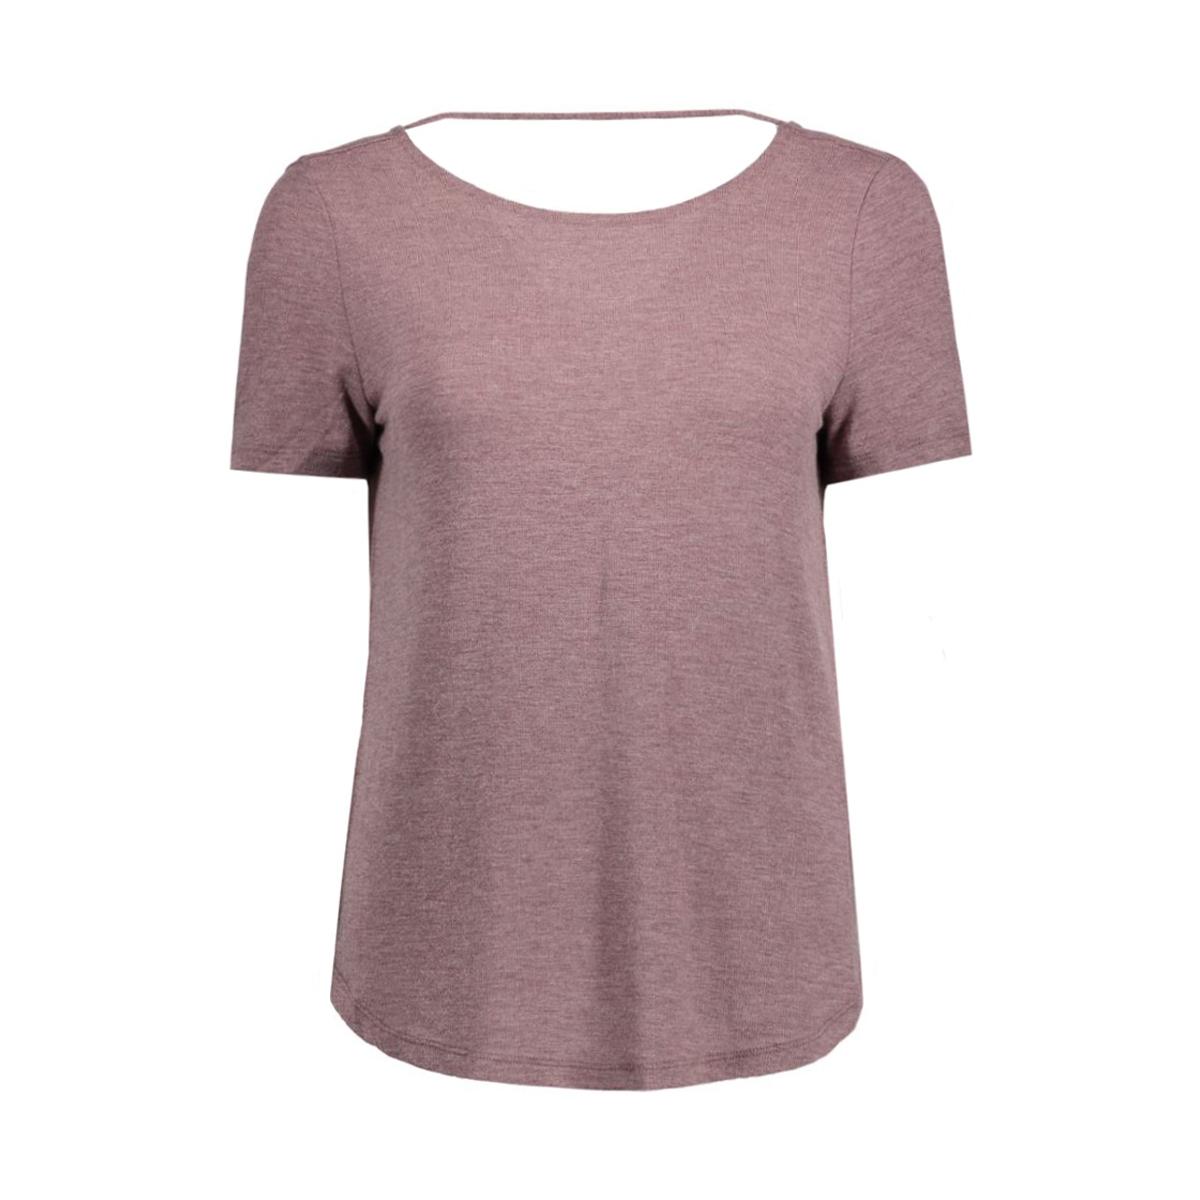 visilla melange s/s top 14038975 vila t-shirt tawny port/melange